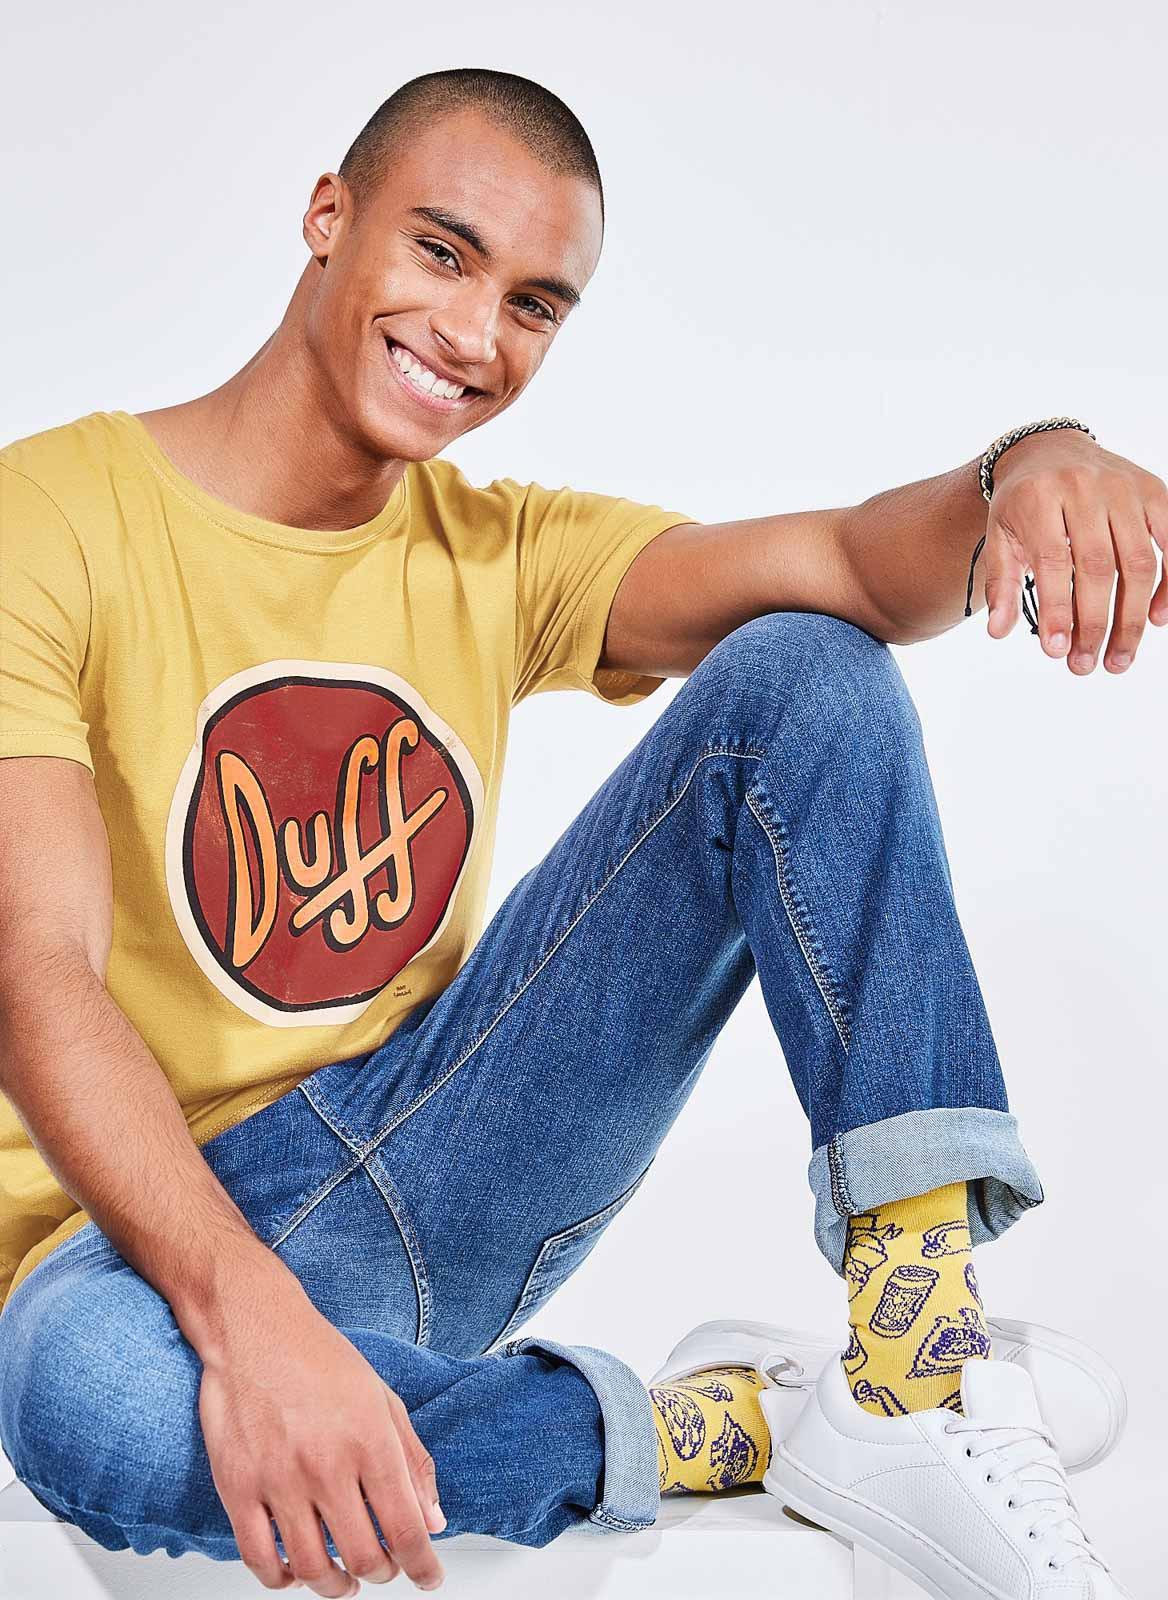 Camiseta Duff Amarela R$59,90 (Foto: Divulgação)